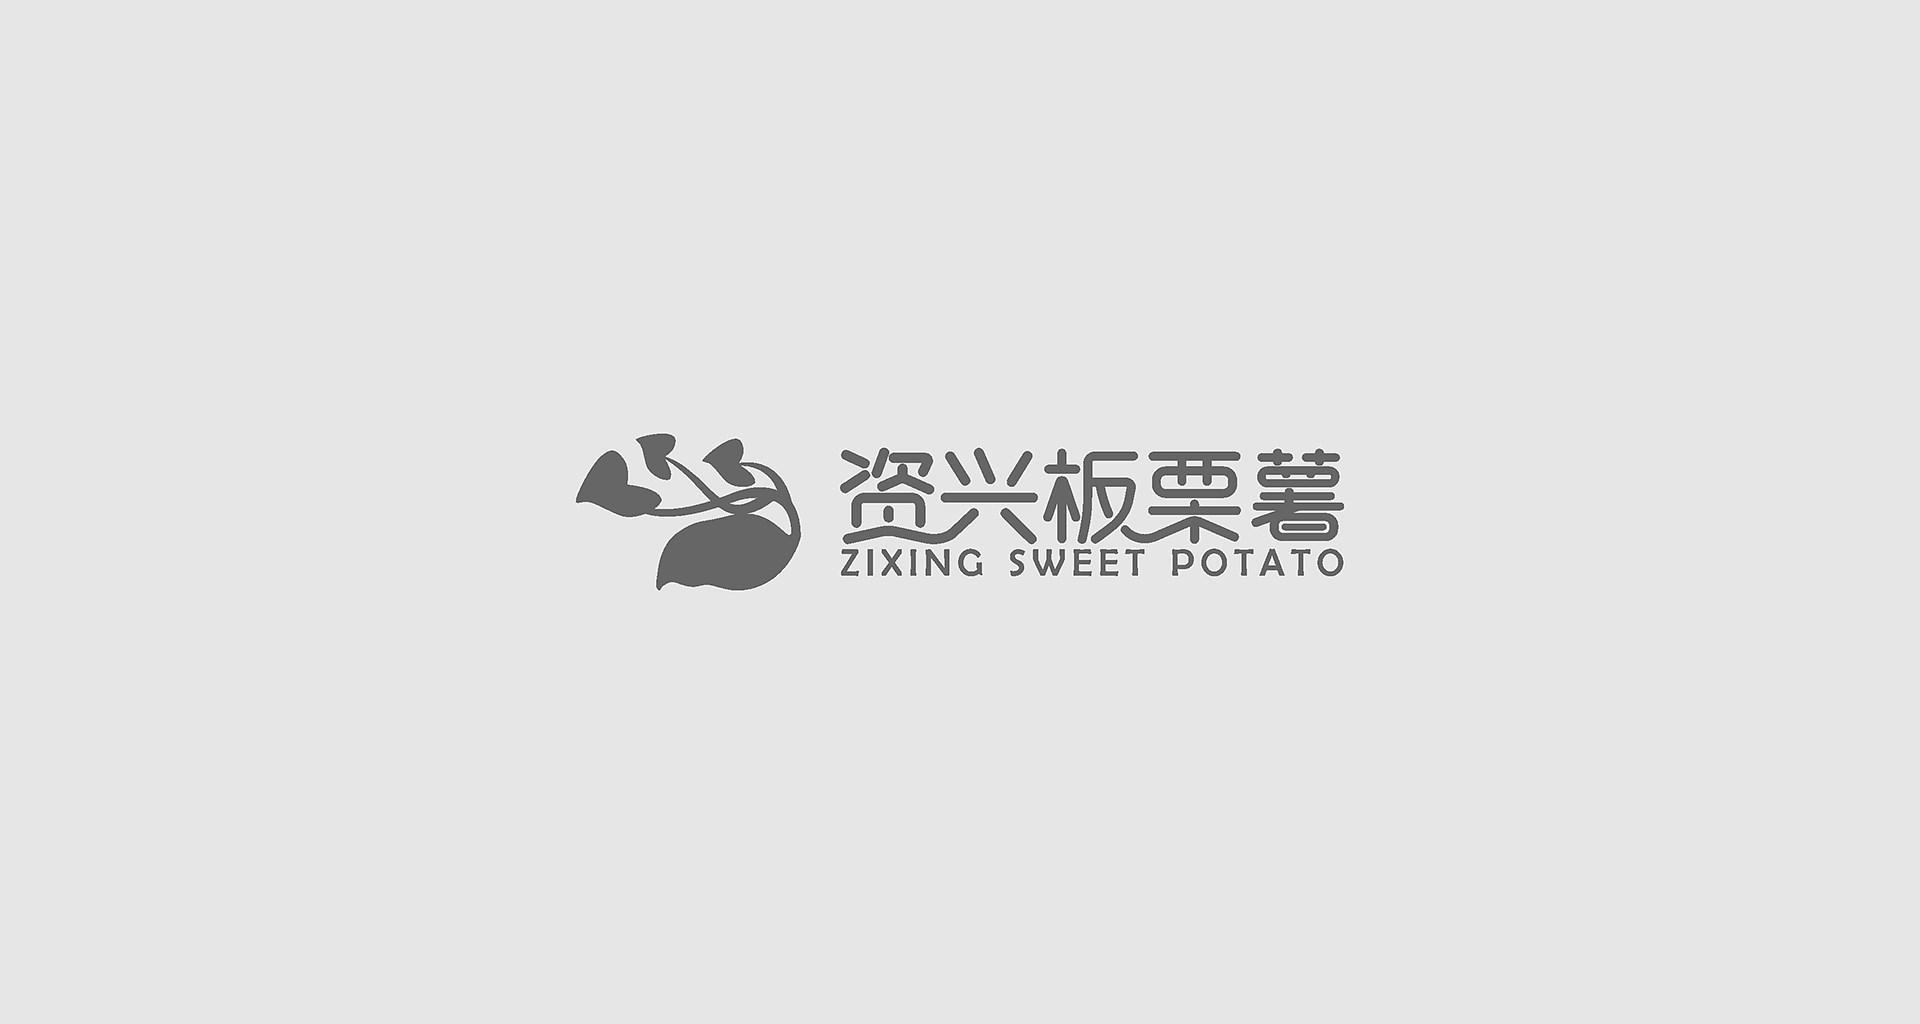 资兴板栗薯新万博竞彩app苹果下载万博manbetx手机版苹果下载_0008.JPG